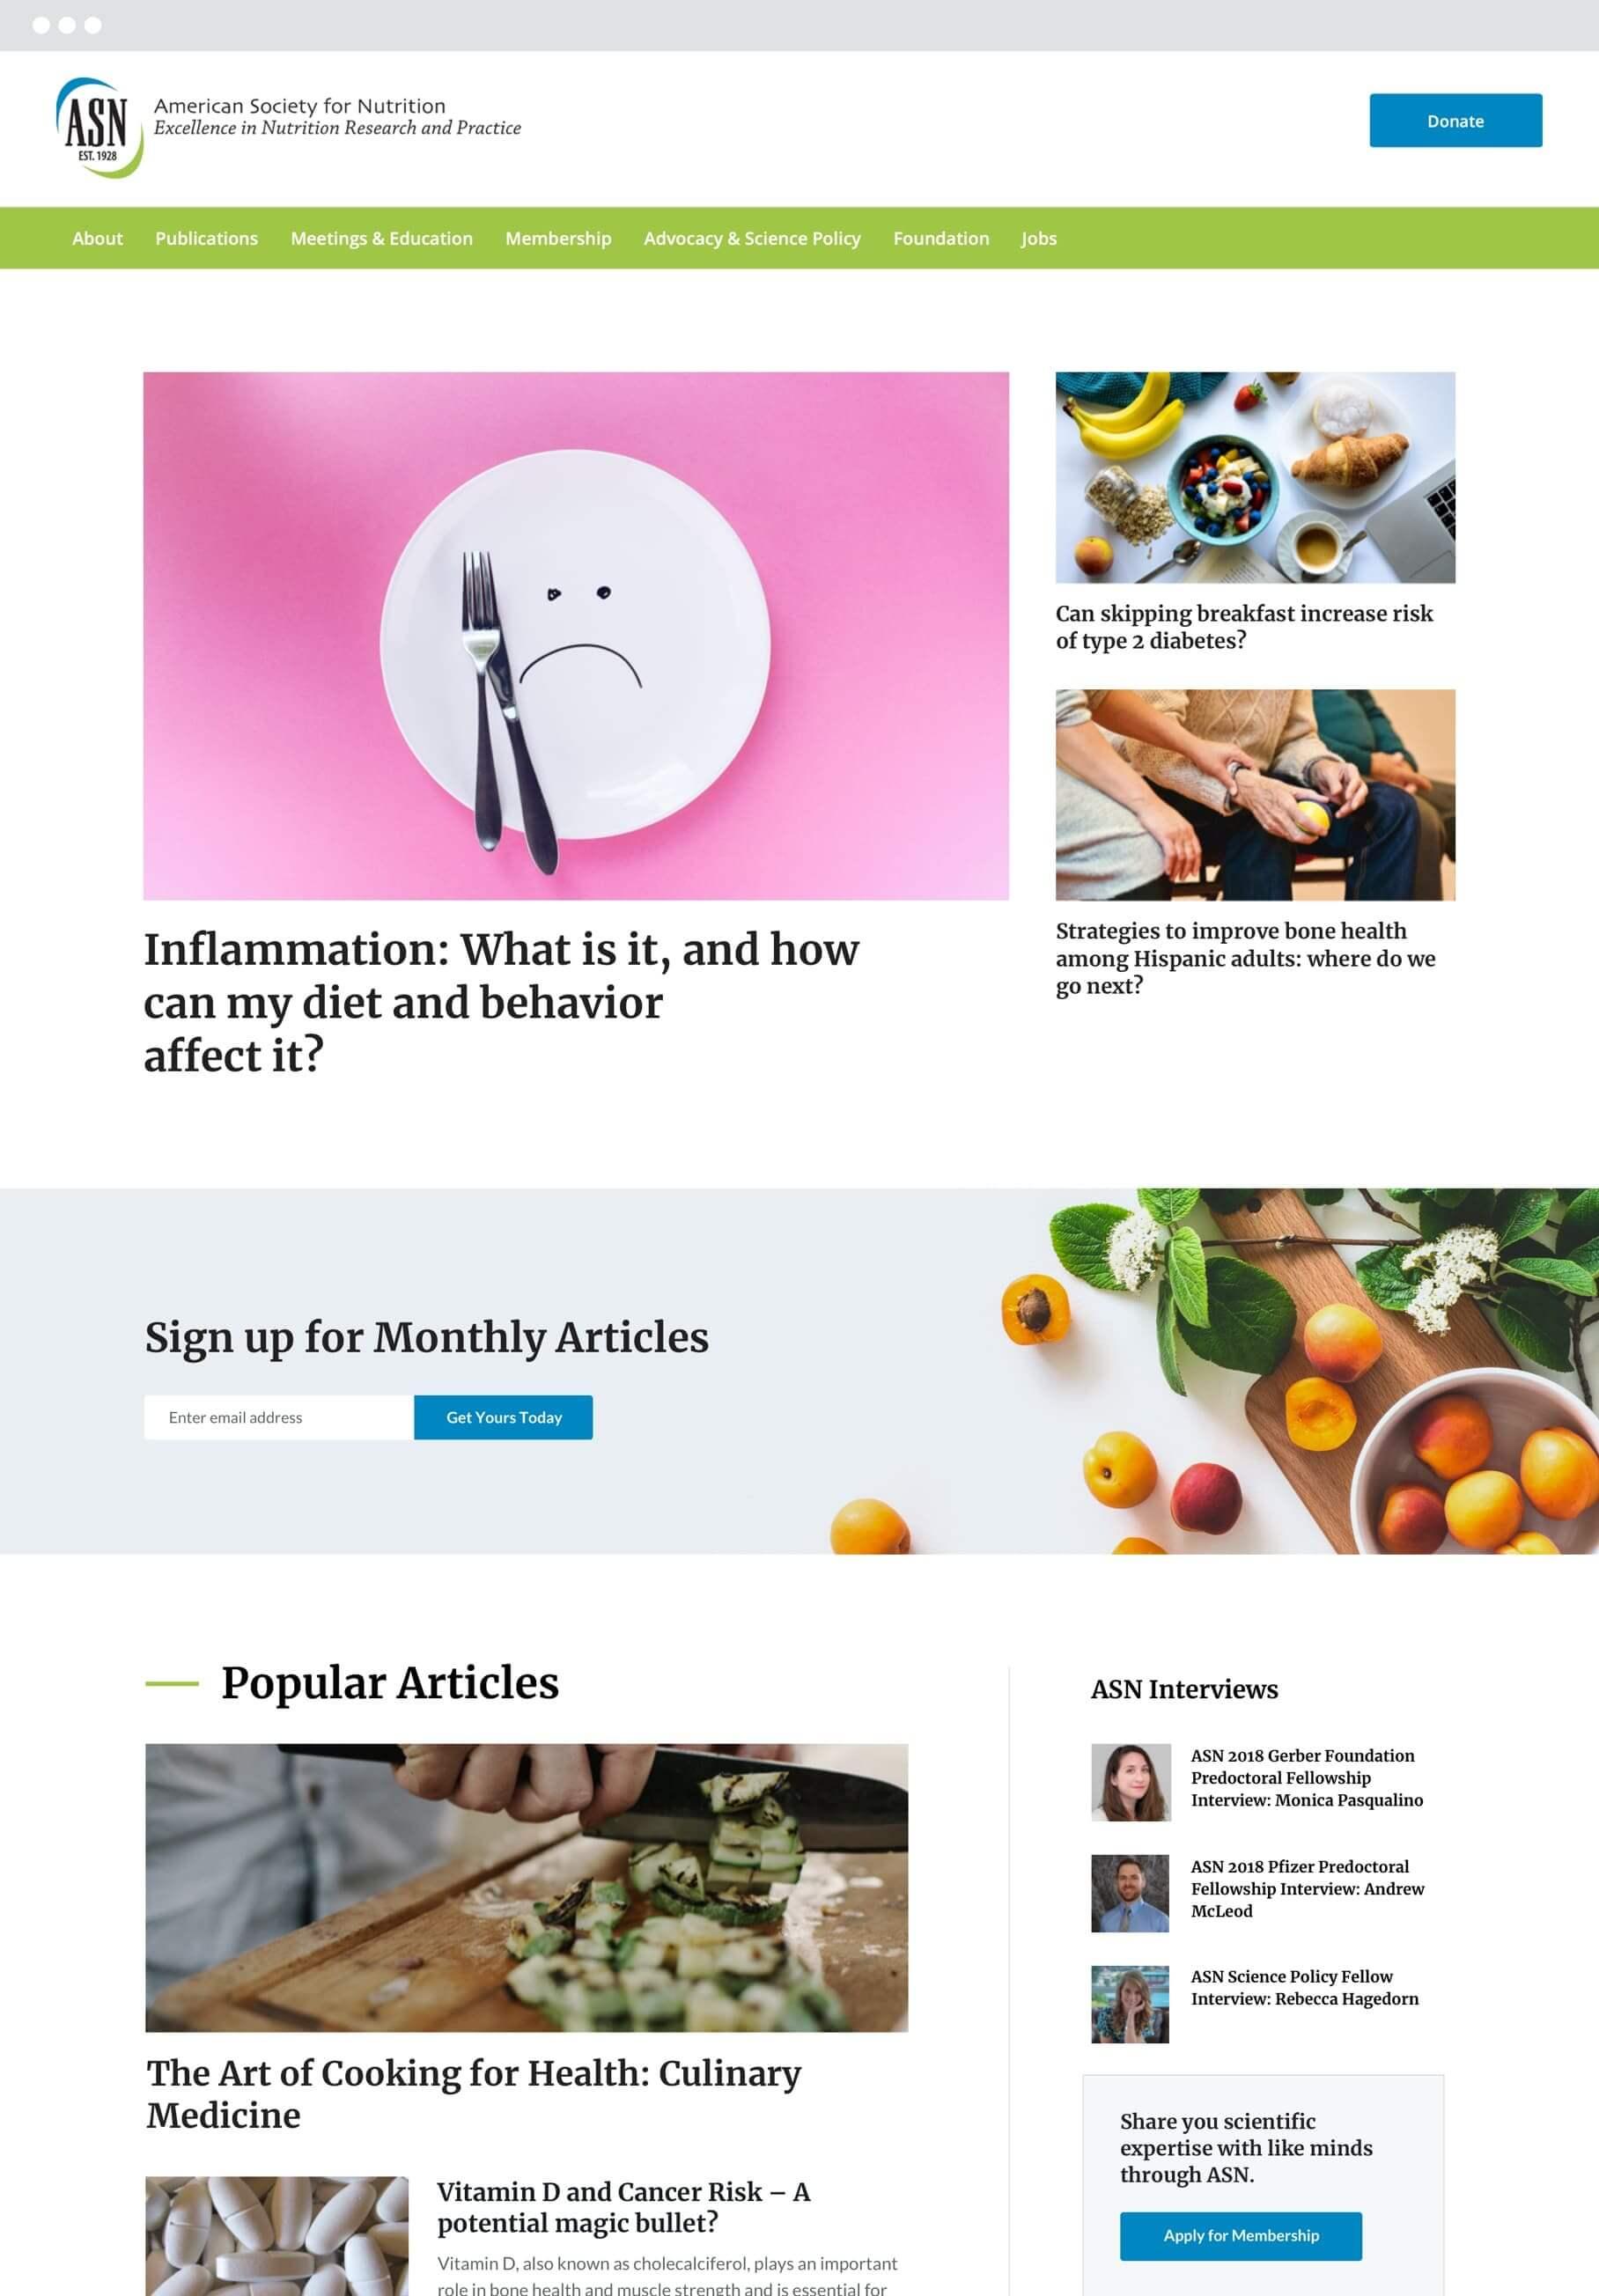 ASN blog landing page